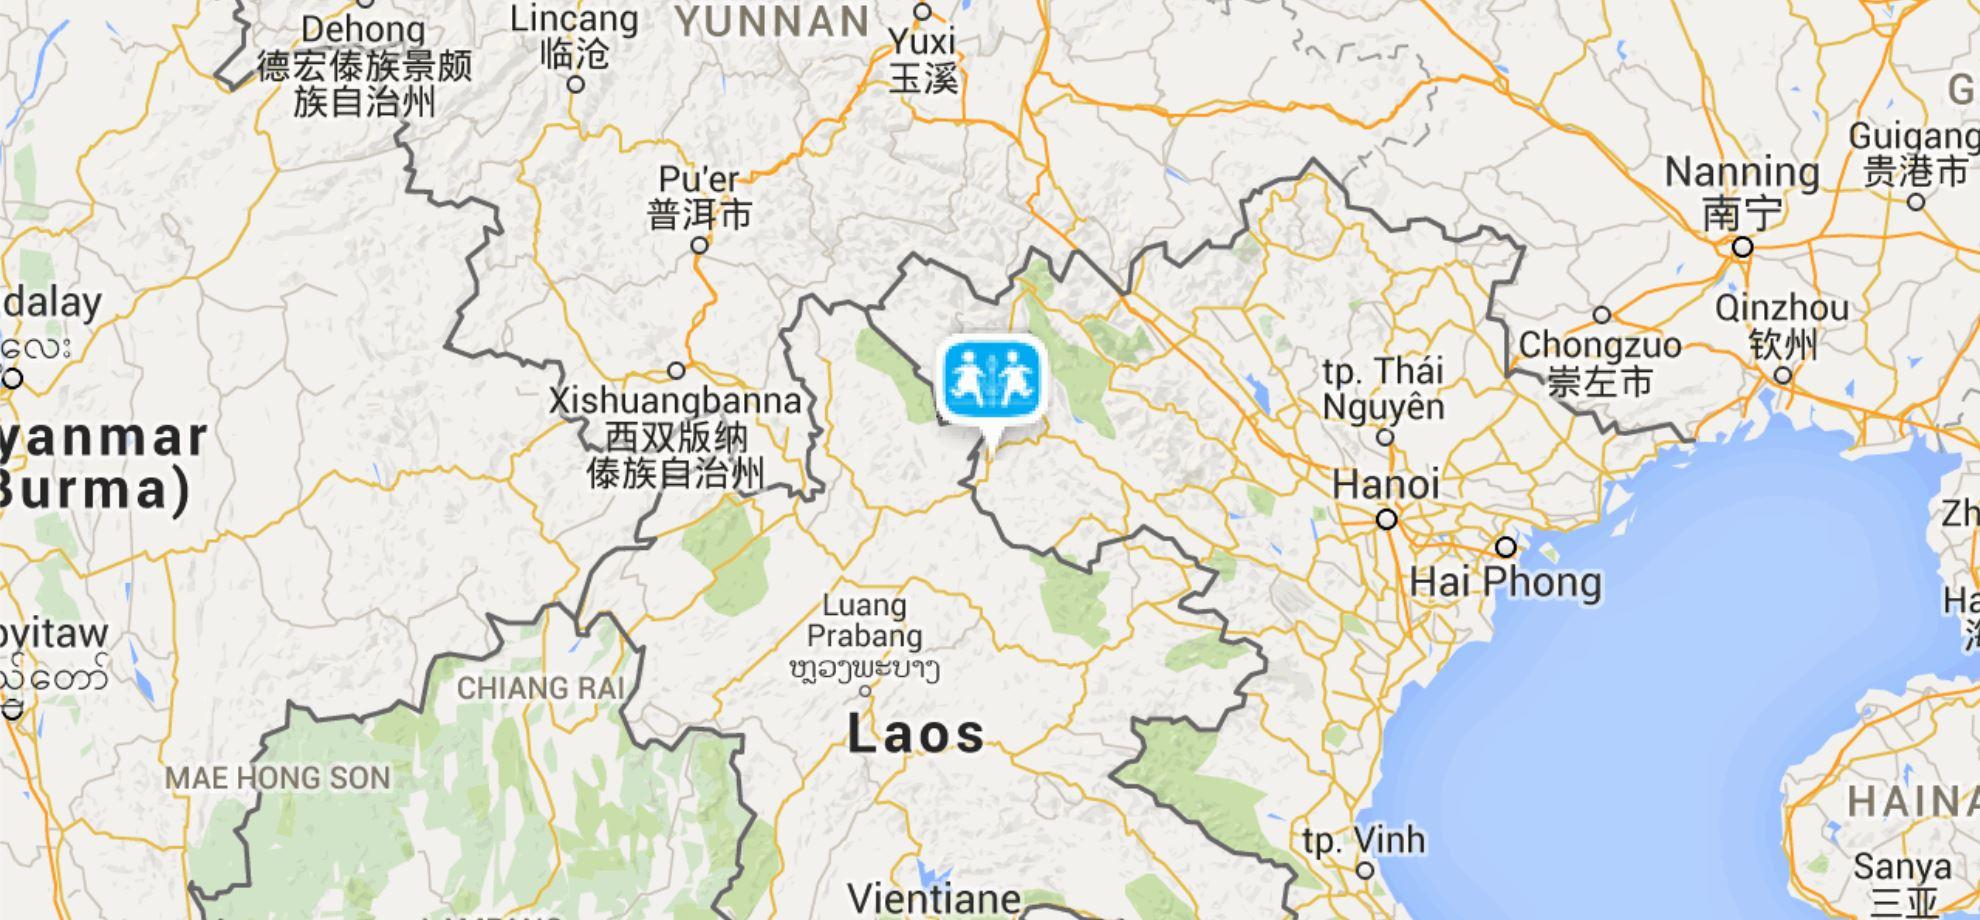 Dien Bien Phu Vietnam Map.Dien Bien Phu Sos Barnebyer